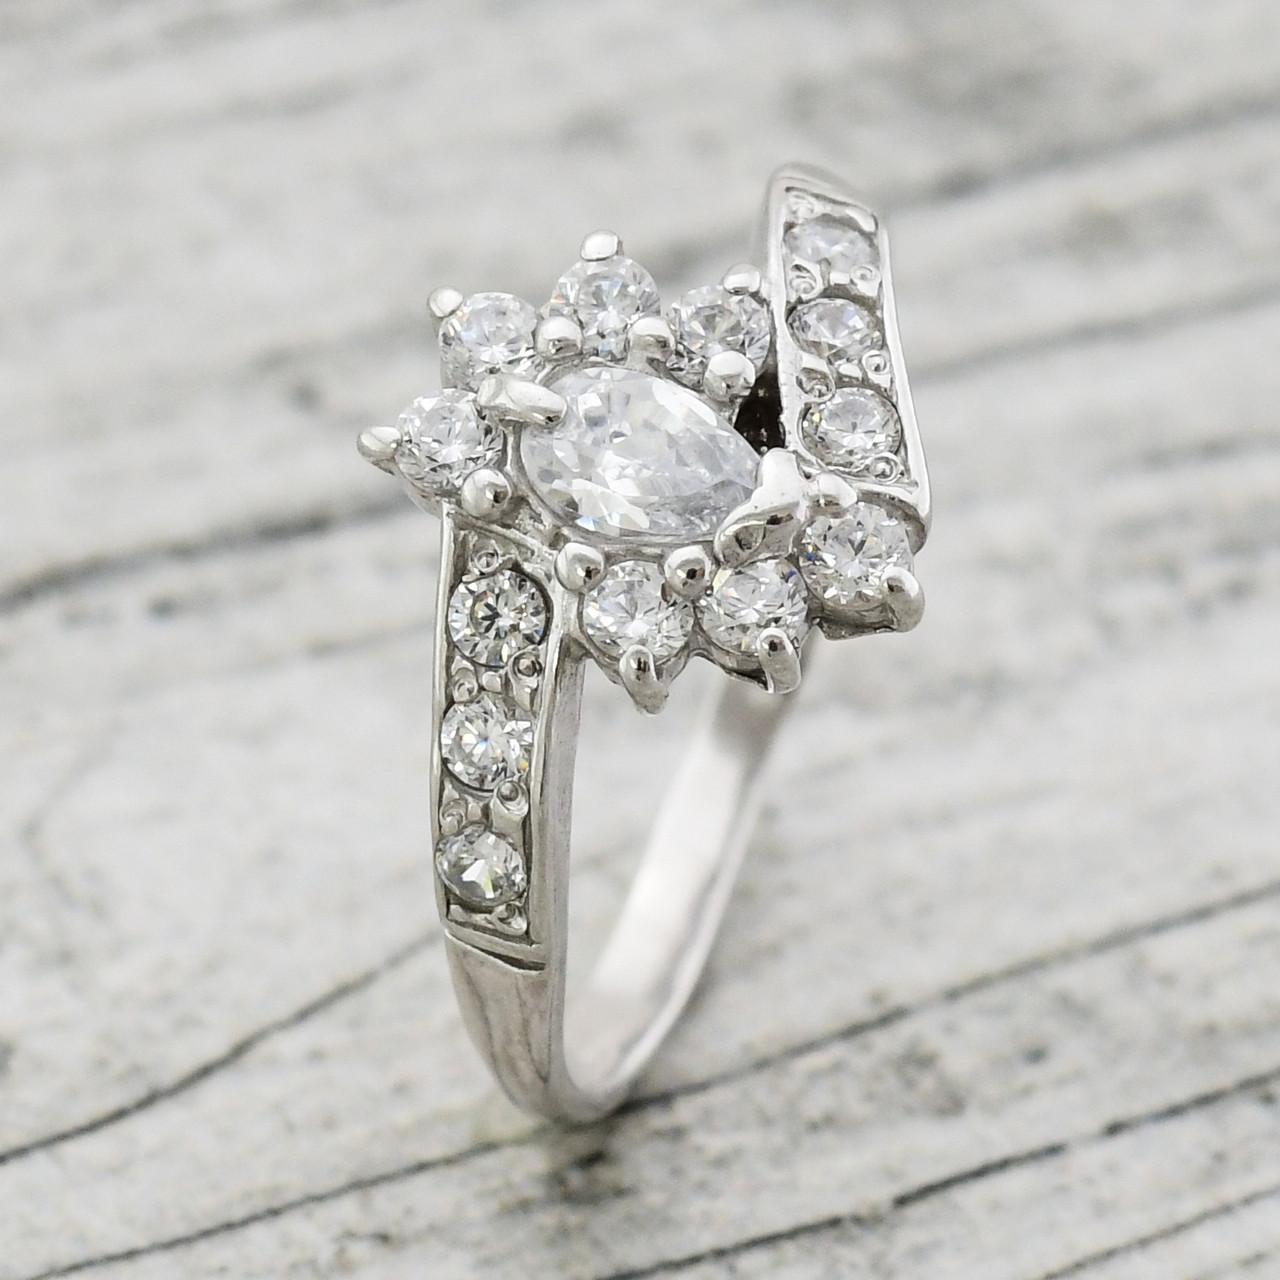 Серебряное кольцо Графиня вставка белые фианиты вес 1.72 г размер 19